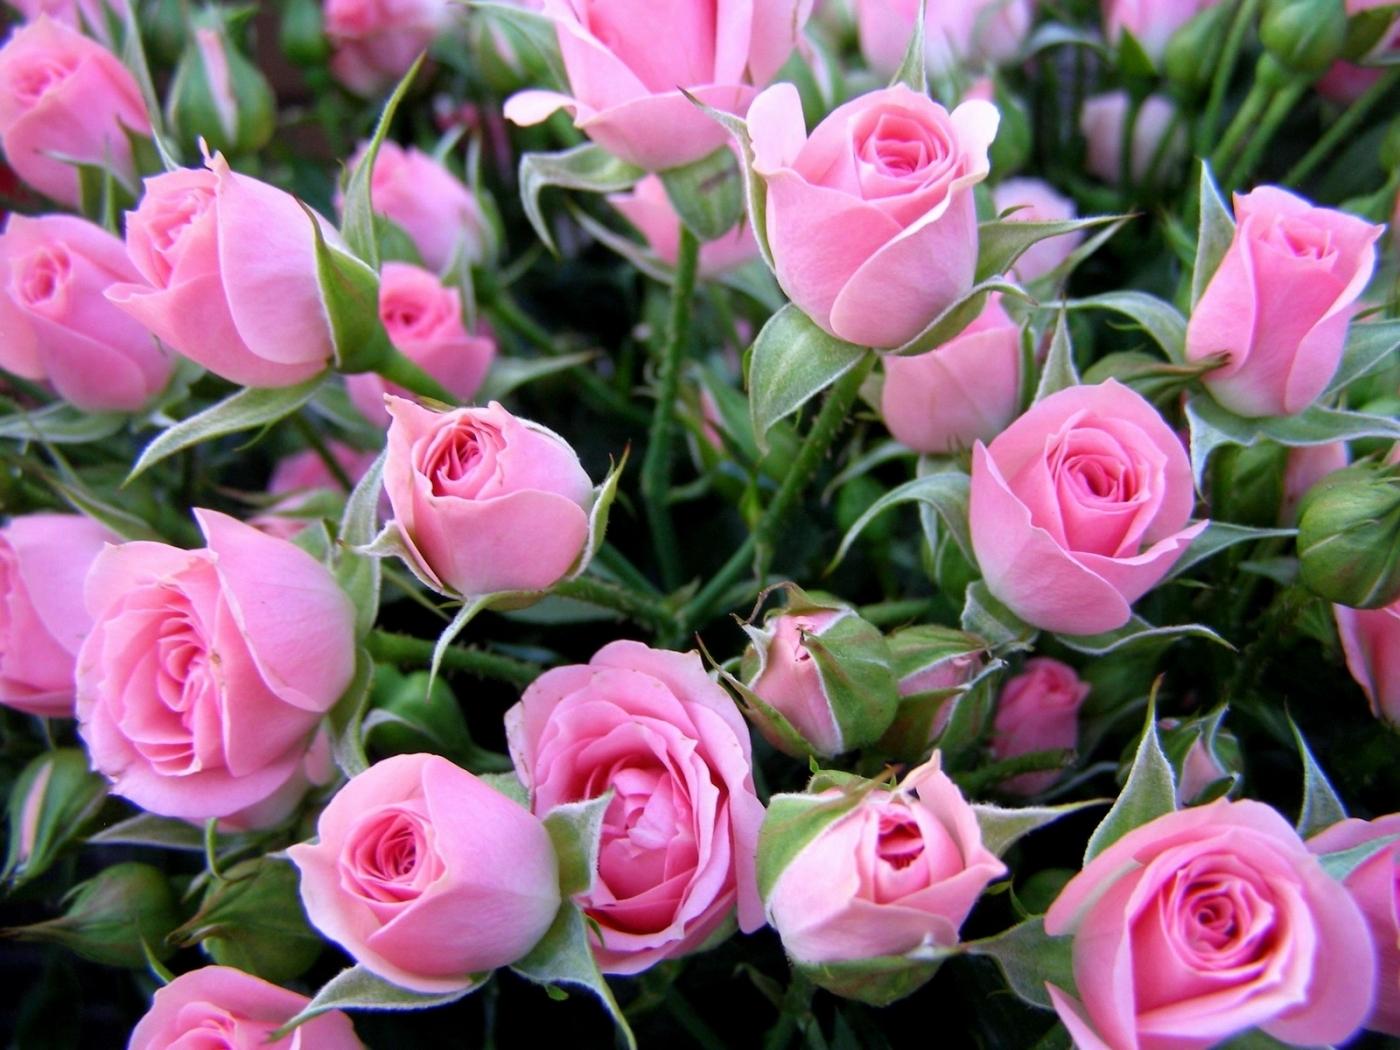 43692 Hintergrundbild herunterladen Pflanzen, Blumen, Roses - Bildschirmschoner und Bilder kostenlos